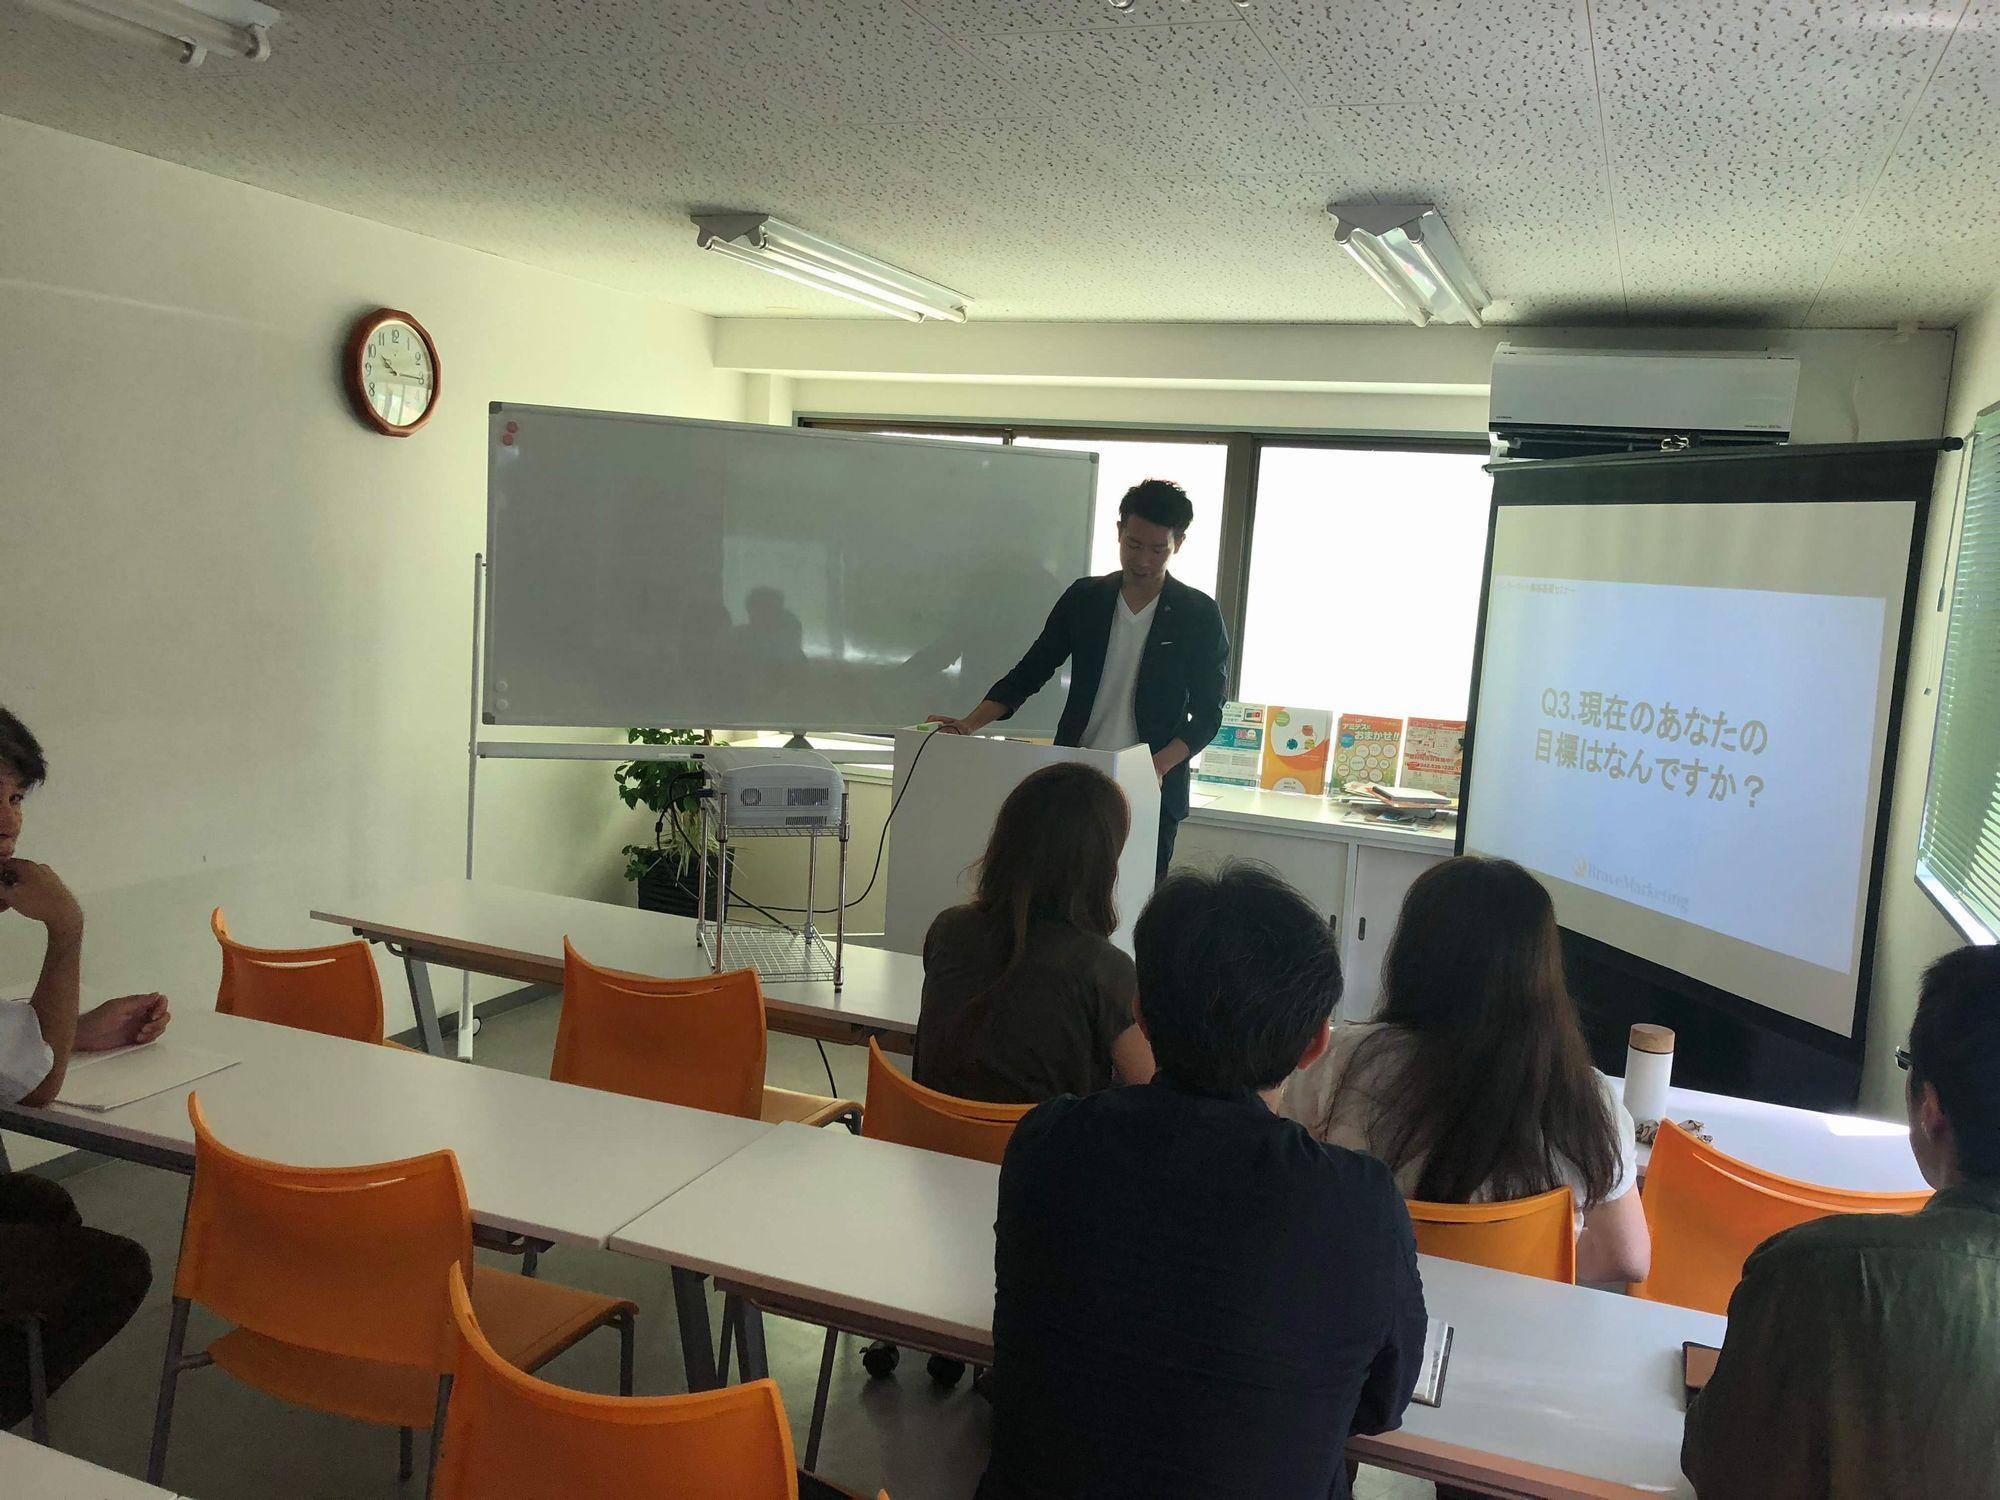 WEBマーケティングセミナーに参加しました('ω')ノ